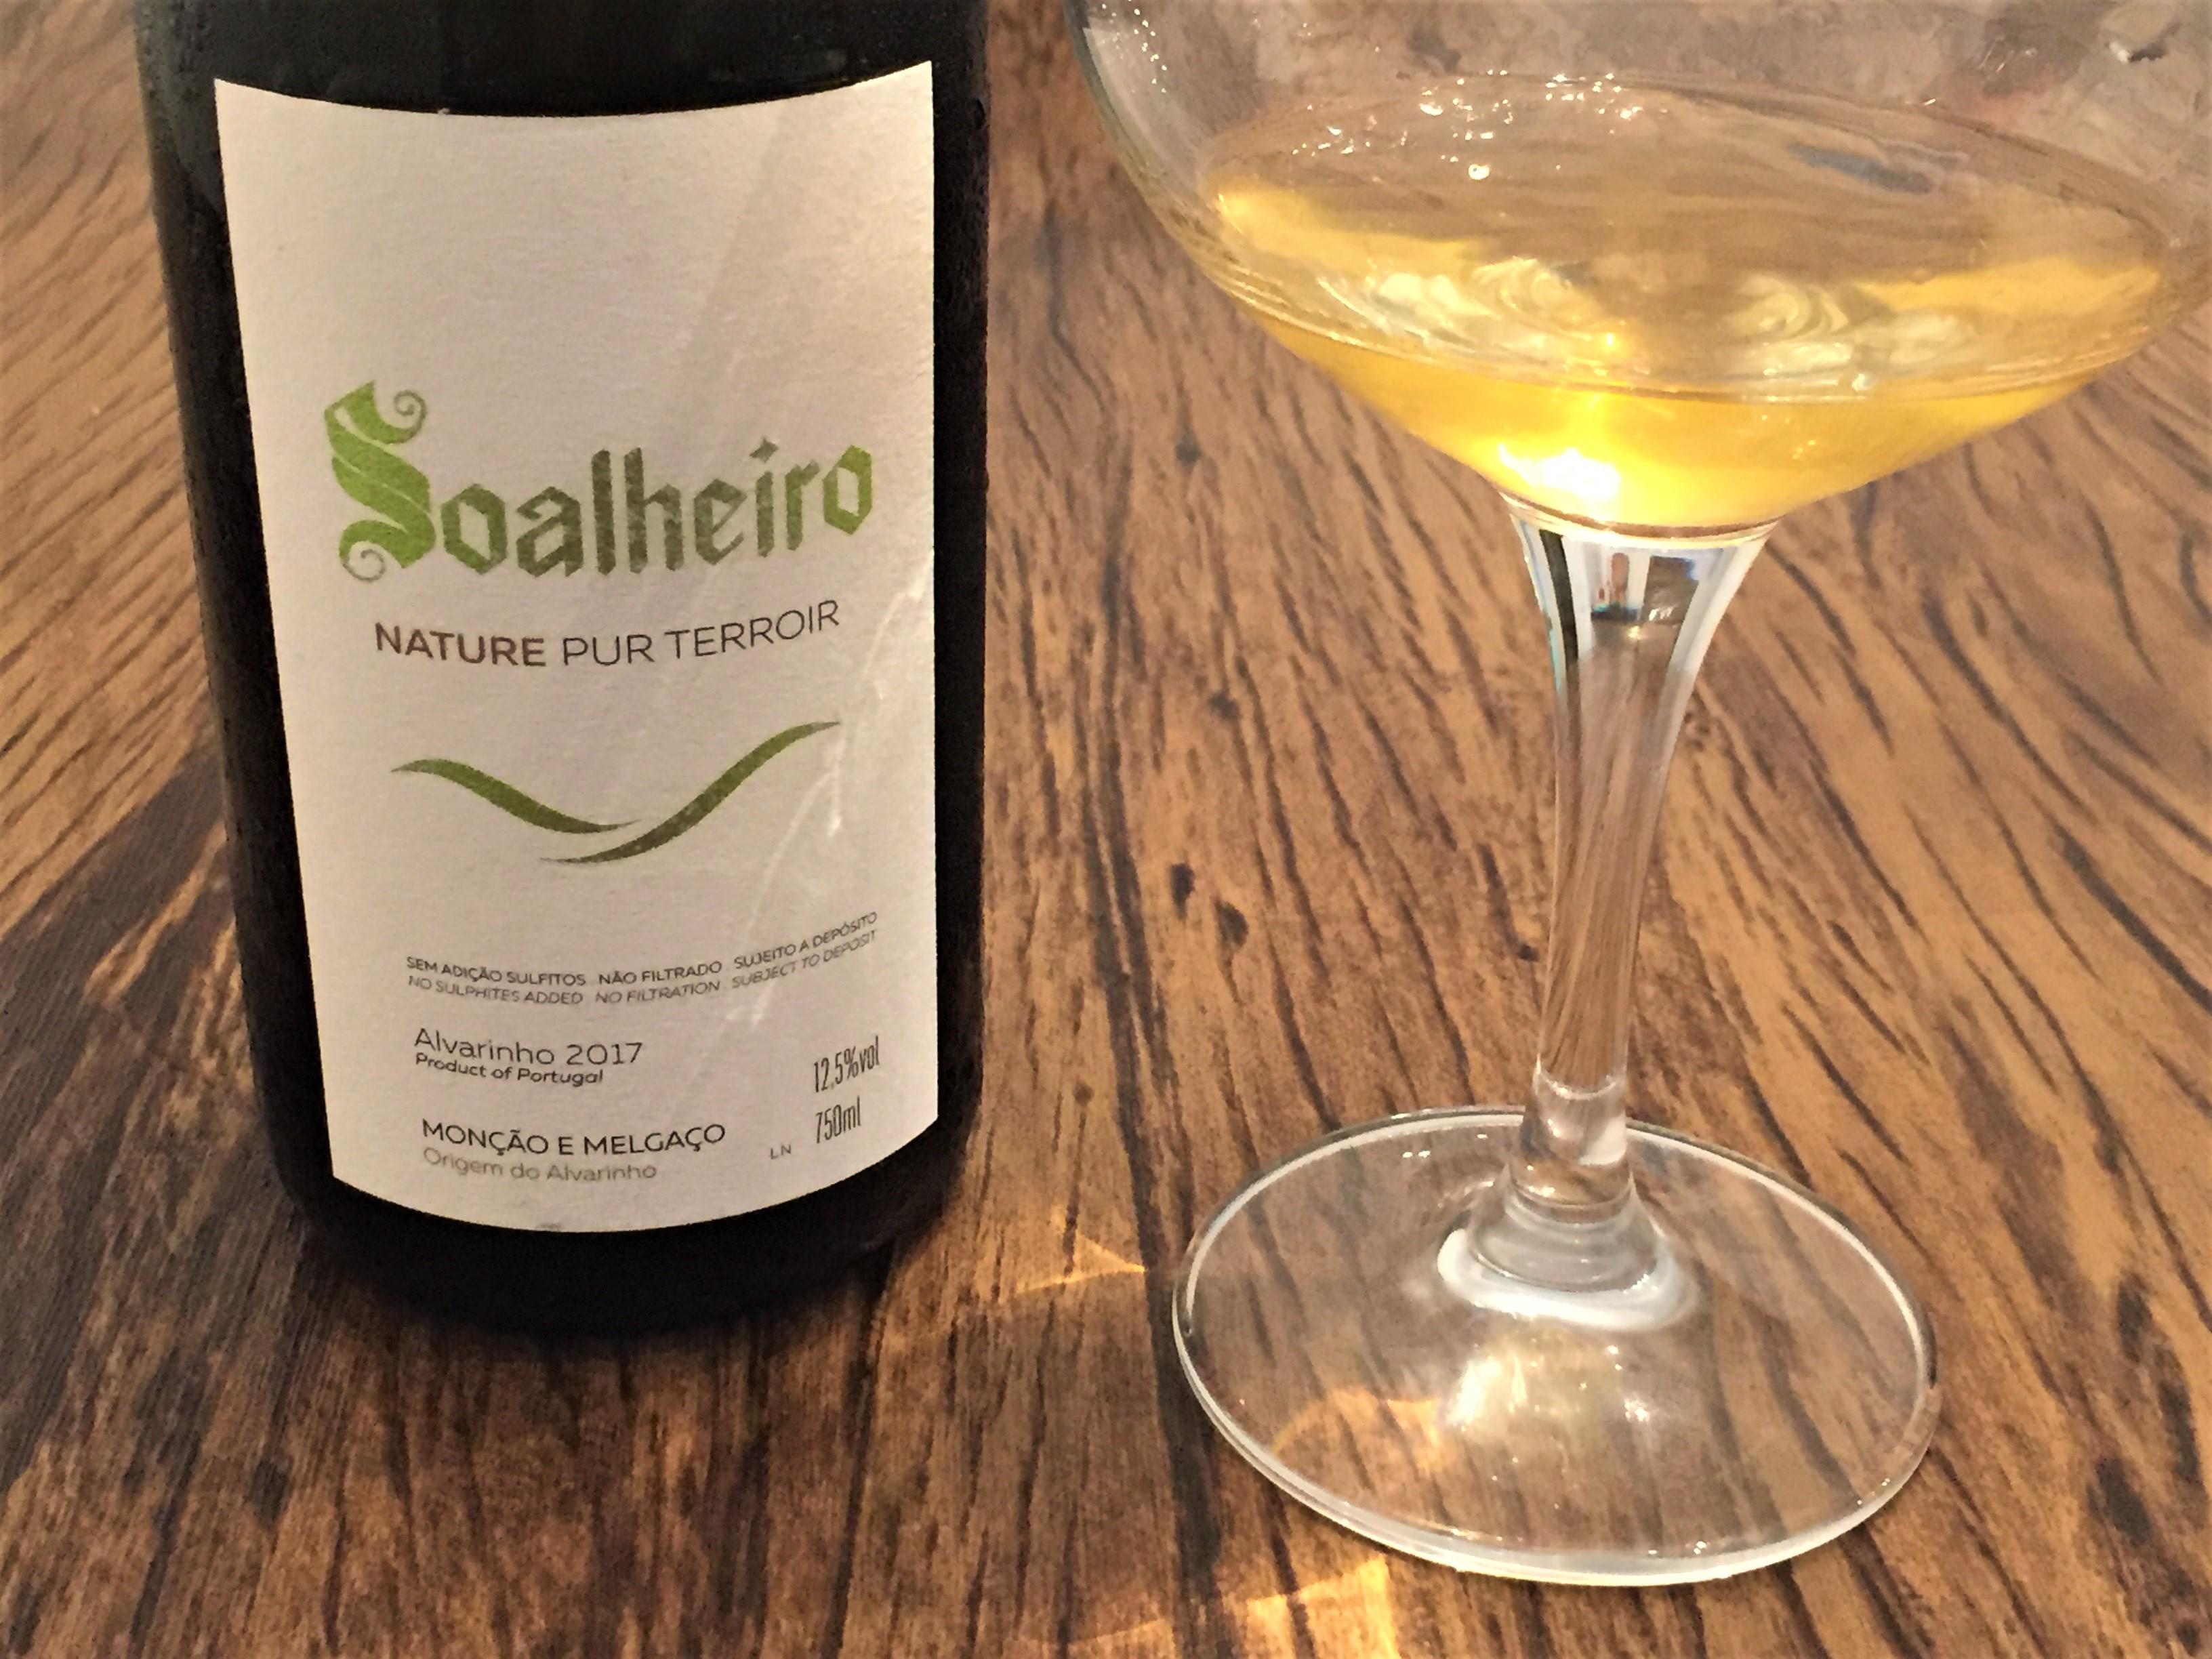 Vinho verde Soalheiro Nature Pur Terroir